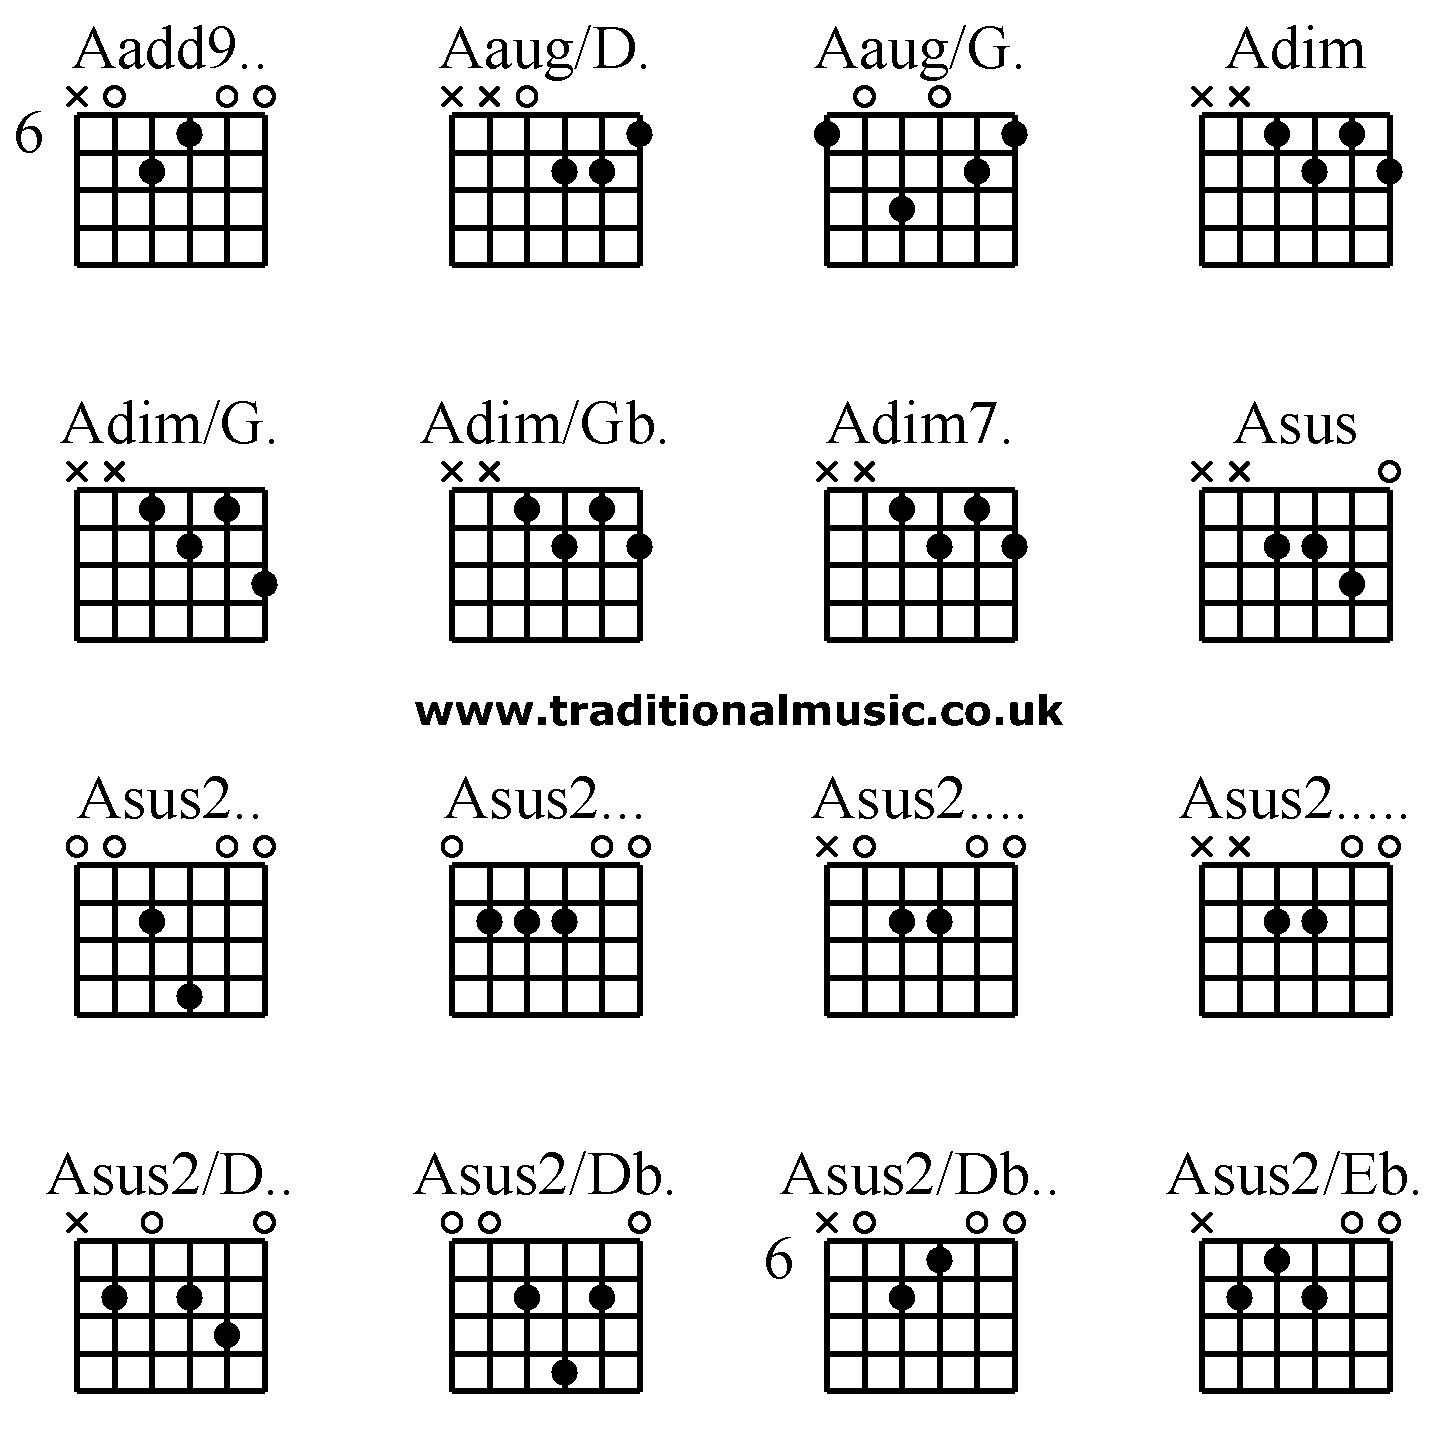 Advanced guitar chords: Aadd9.. Aaug/D. Aaug/G. Adim, Adim